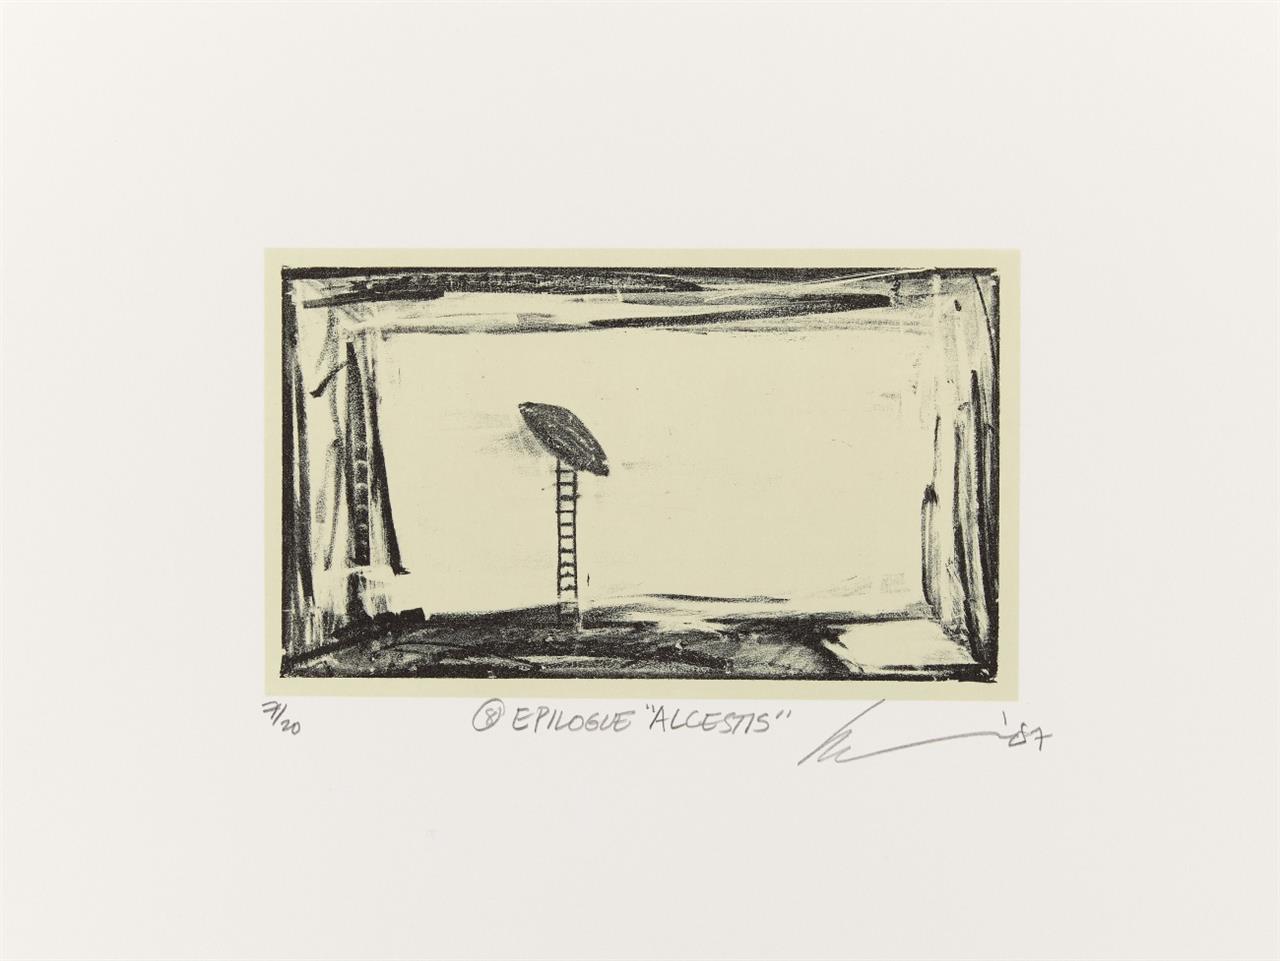 Robert Wilson. Alcestis. 1987. Mappe mit 9 Lithographien. Signiert. Ex. 7/20.